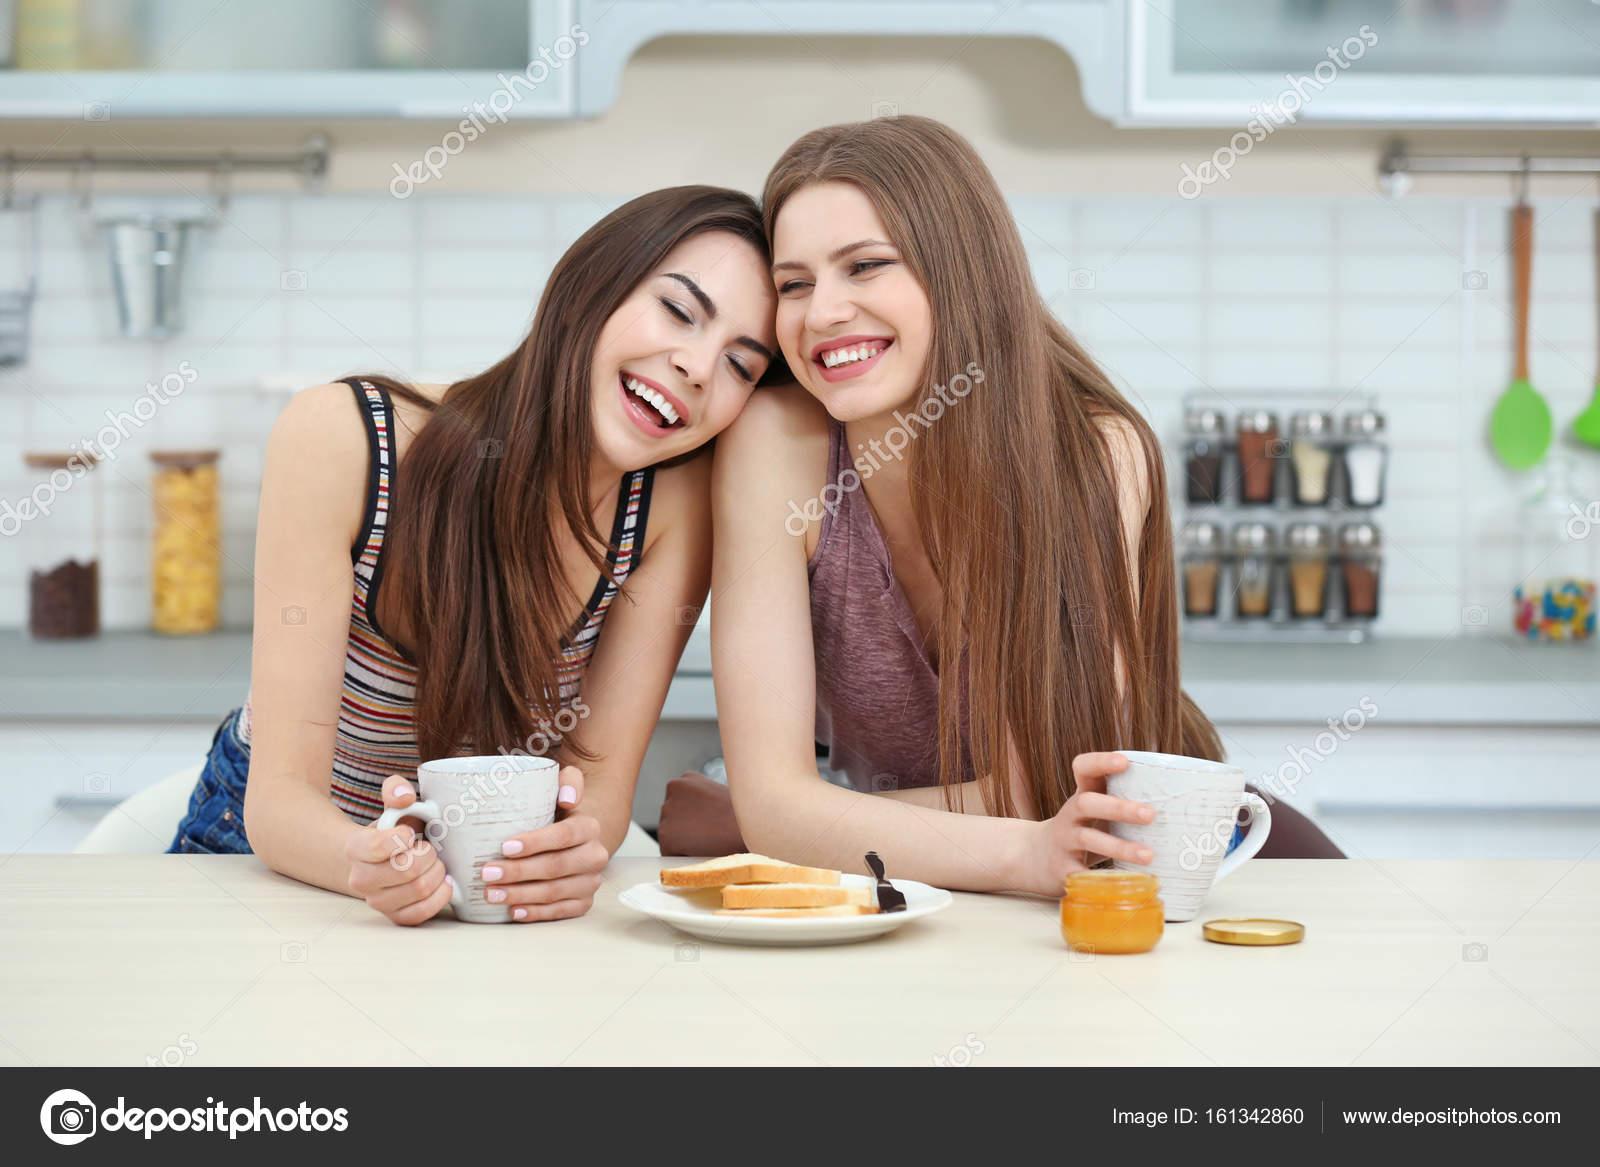 Beste lesbische verleiden